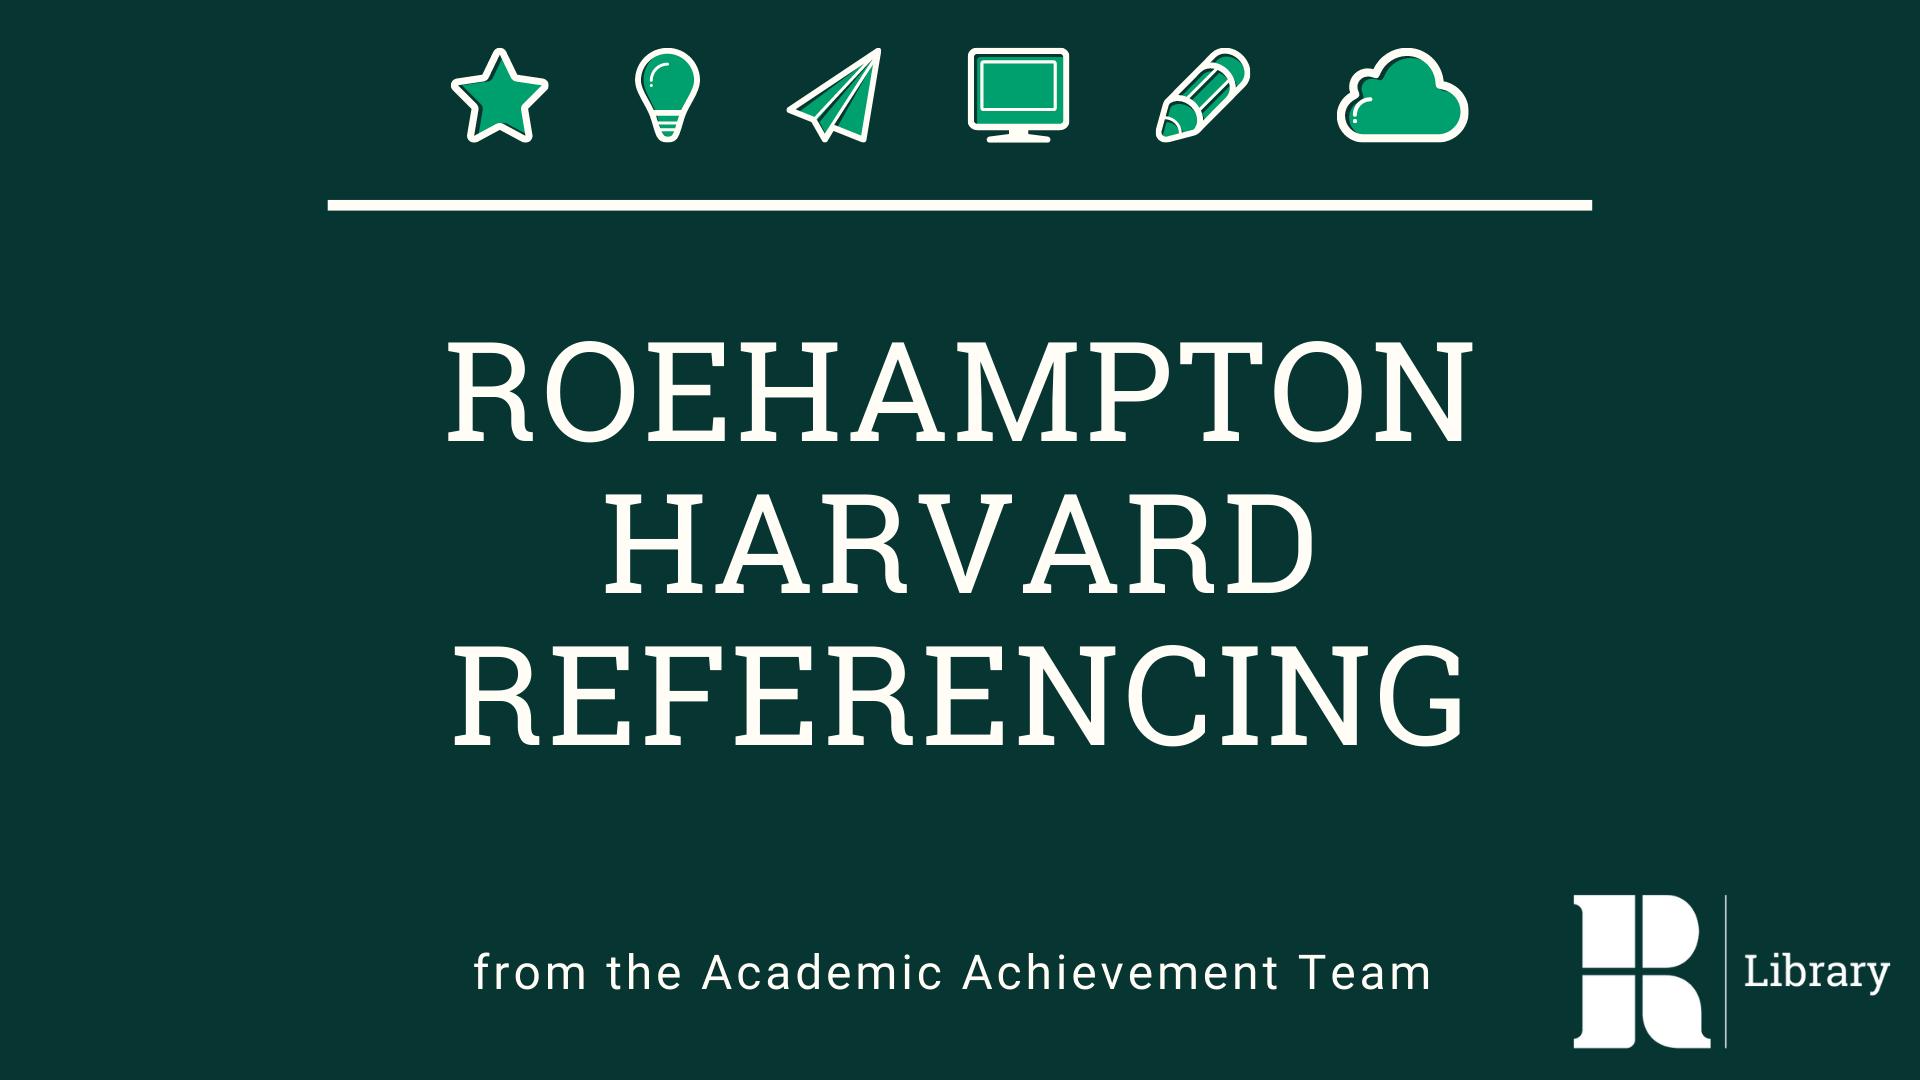 Roehampton Harvard Referencing